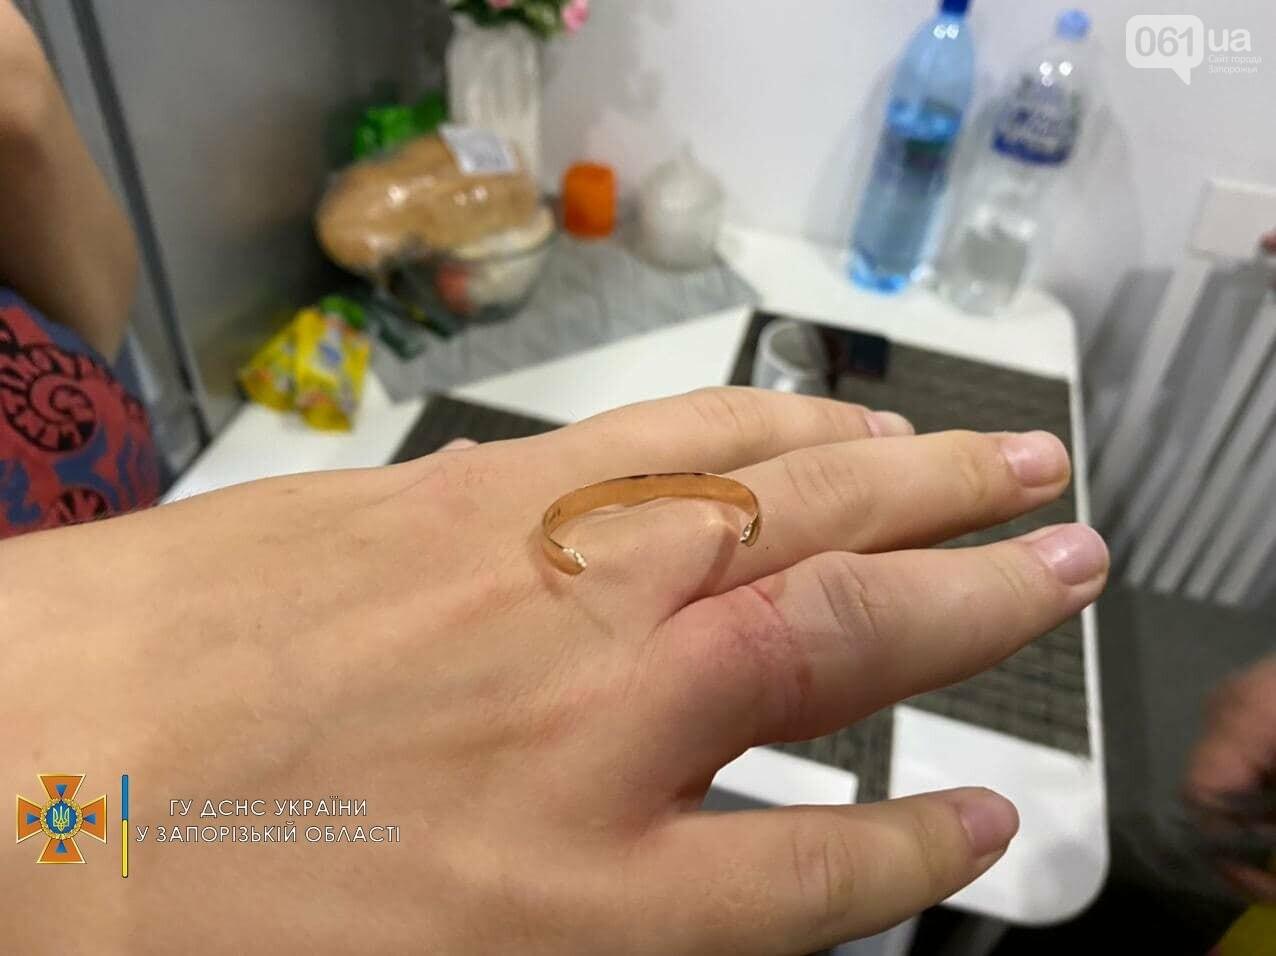 photo2021 09 1109 45 31result 613c68af40364 - В Мелитополе женщина надела обручальное кольцо и не смогла его снять: срезать украшение вызвали ГСЧС